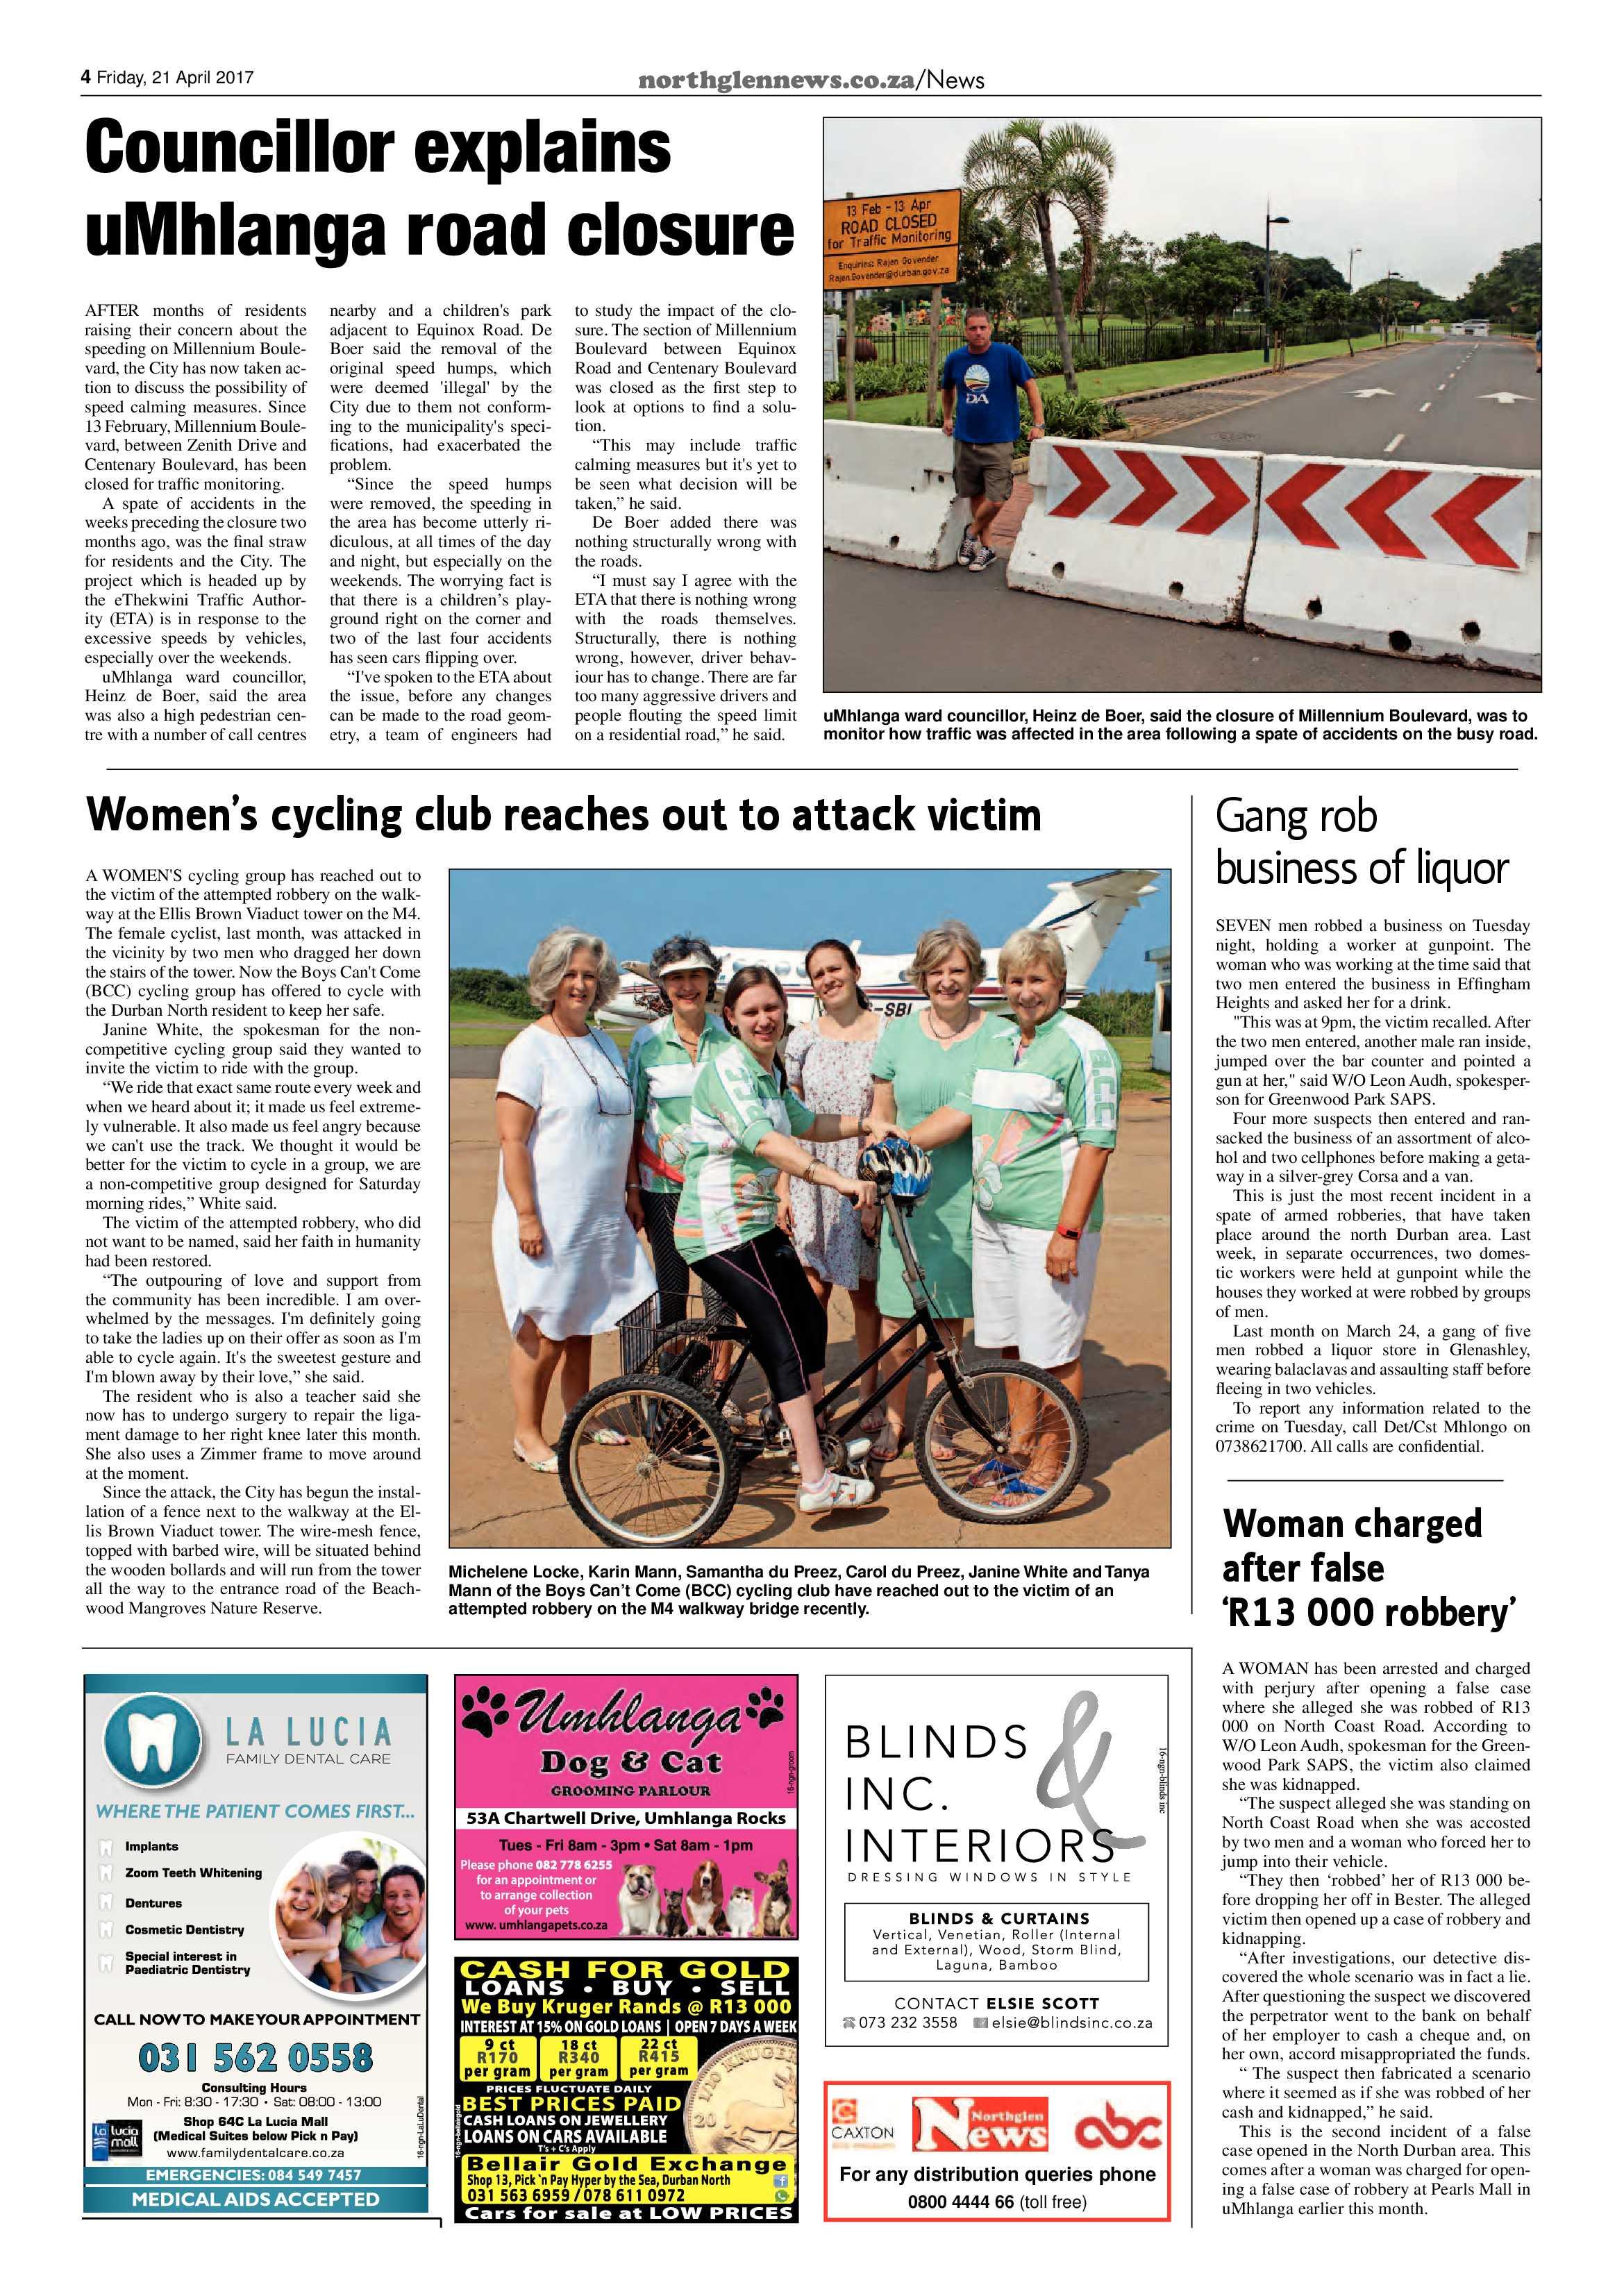 northglen-news-21-april-2017-epapers-page-4